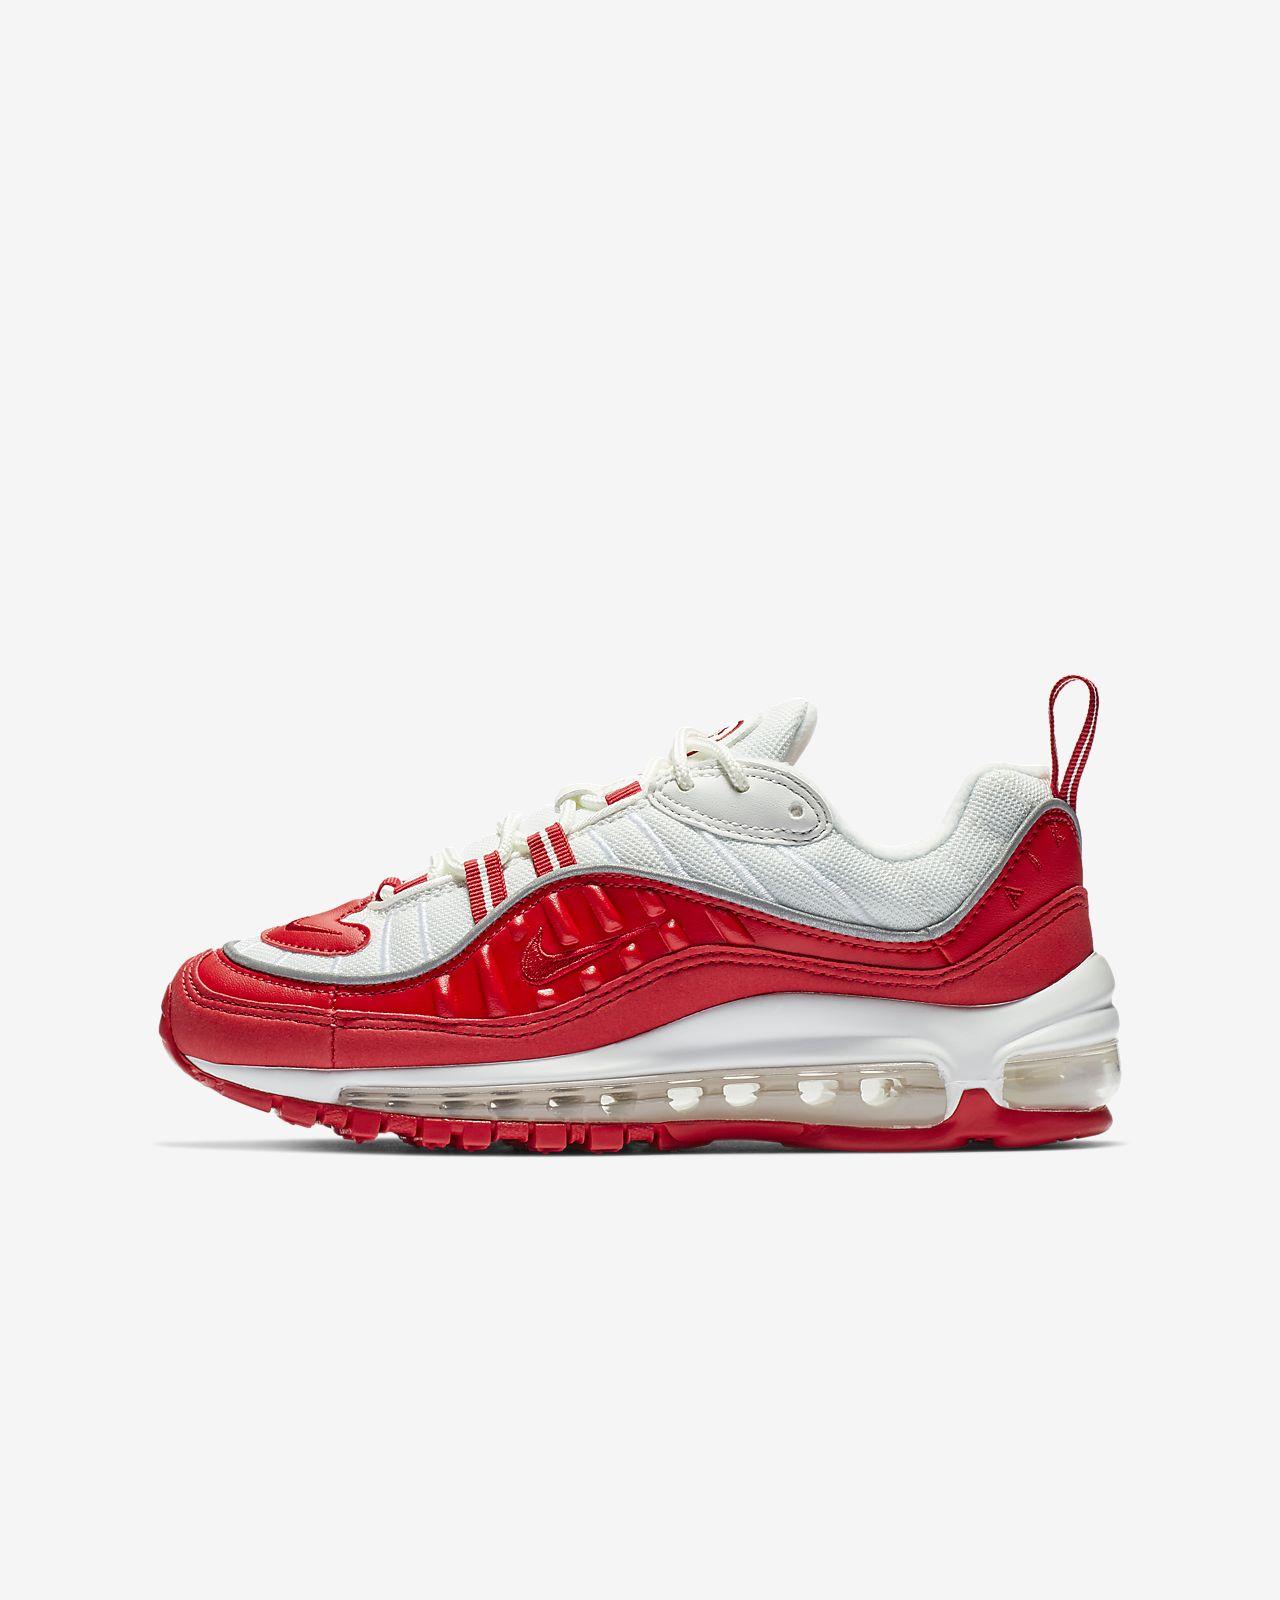 finest selection c5c1d 6fc51 ... Chaussure Nike Air Max 98 pour Enfant plus âgé